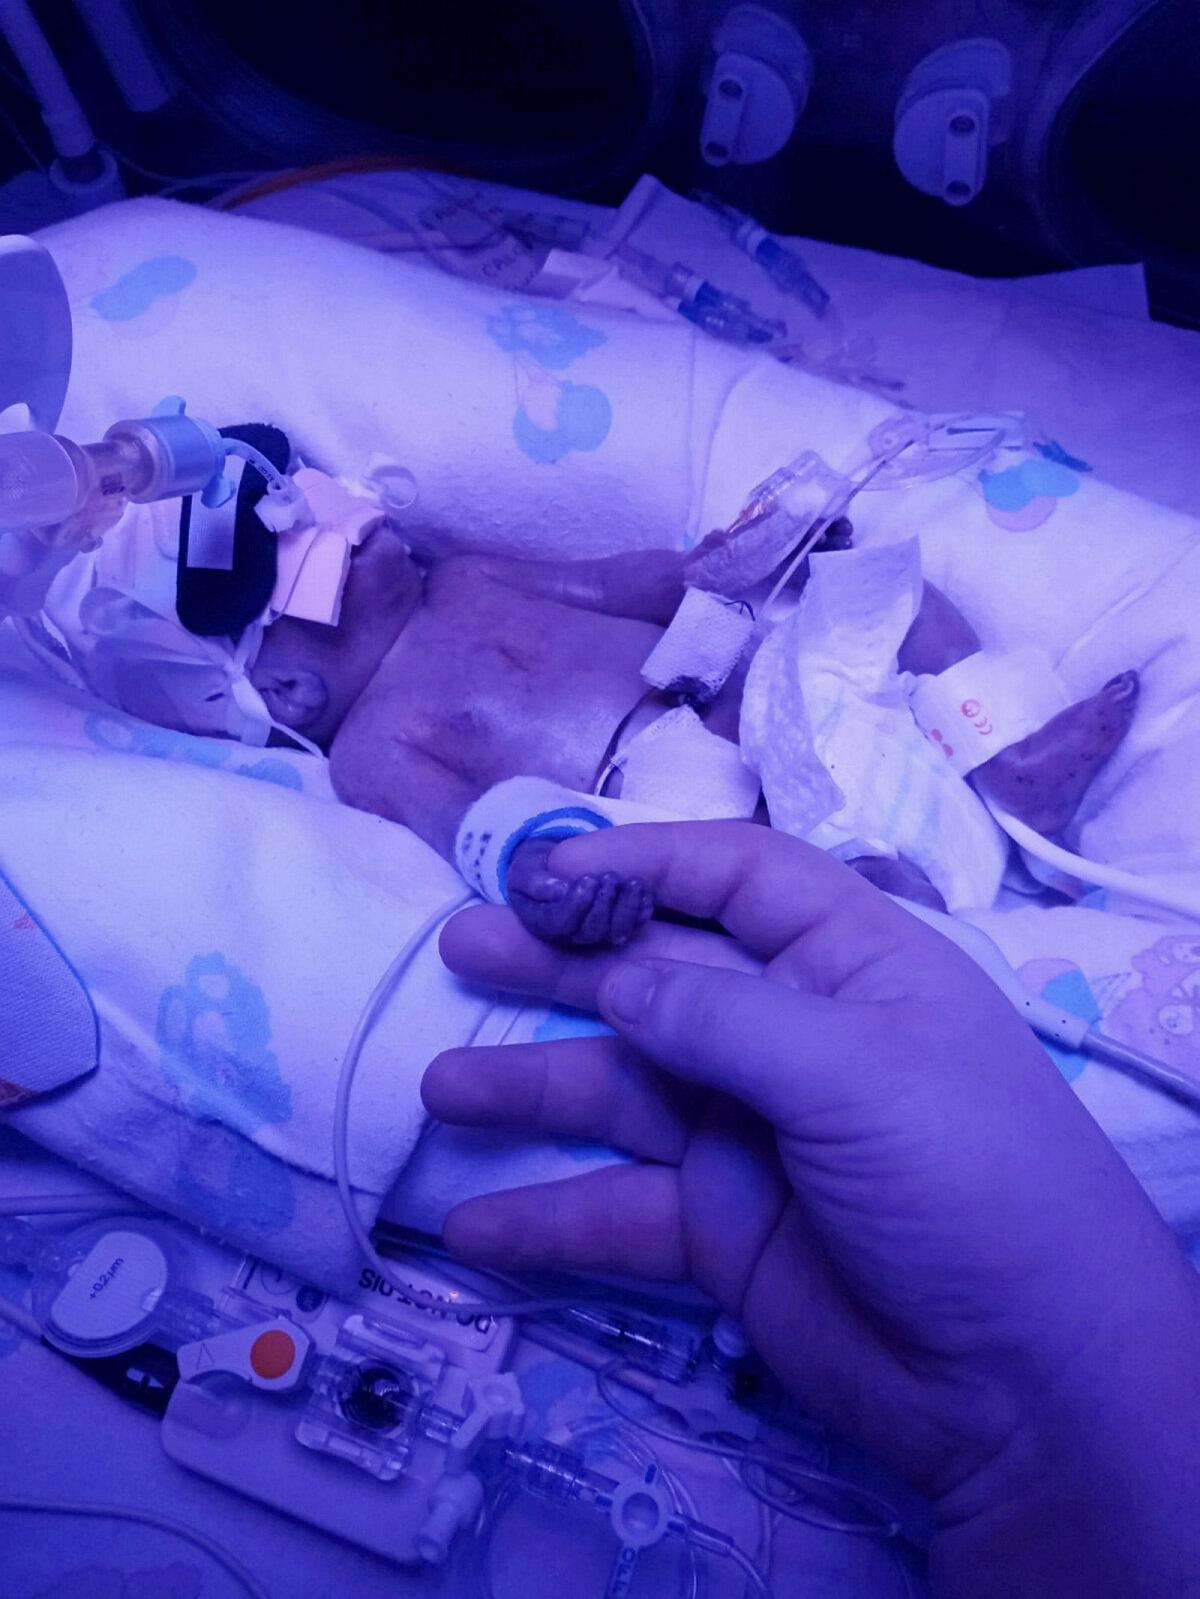 Когда маме наконец разрешили взять руку Арчи в свою, это стало самым волшебным моментом в ее жизни